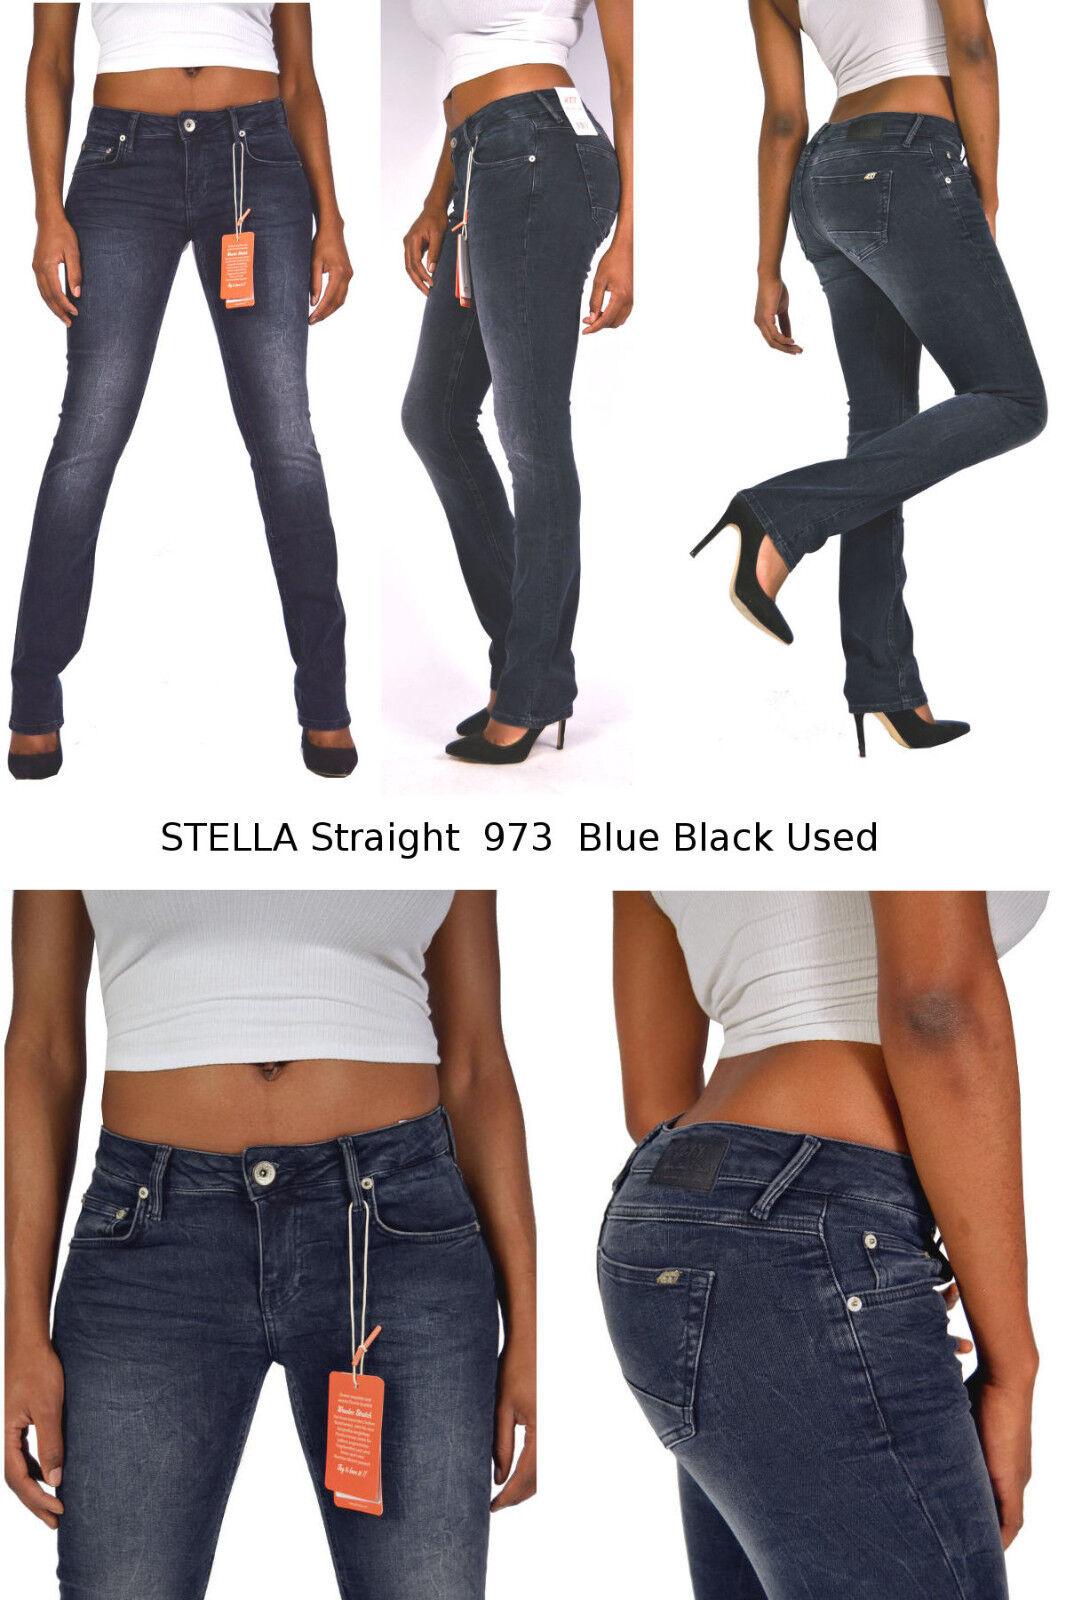 Slim Fit 973 Blue Black used NEU W40 W42 TRUST /& TRUTH Jeans ZOE ATT AMOR